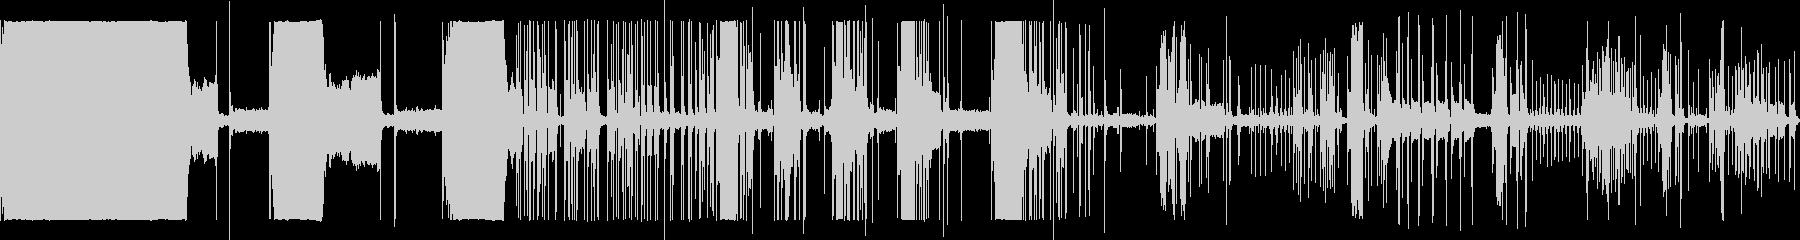 フォークリフトハイドロリッククラン...の未再生の波形